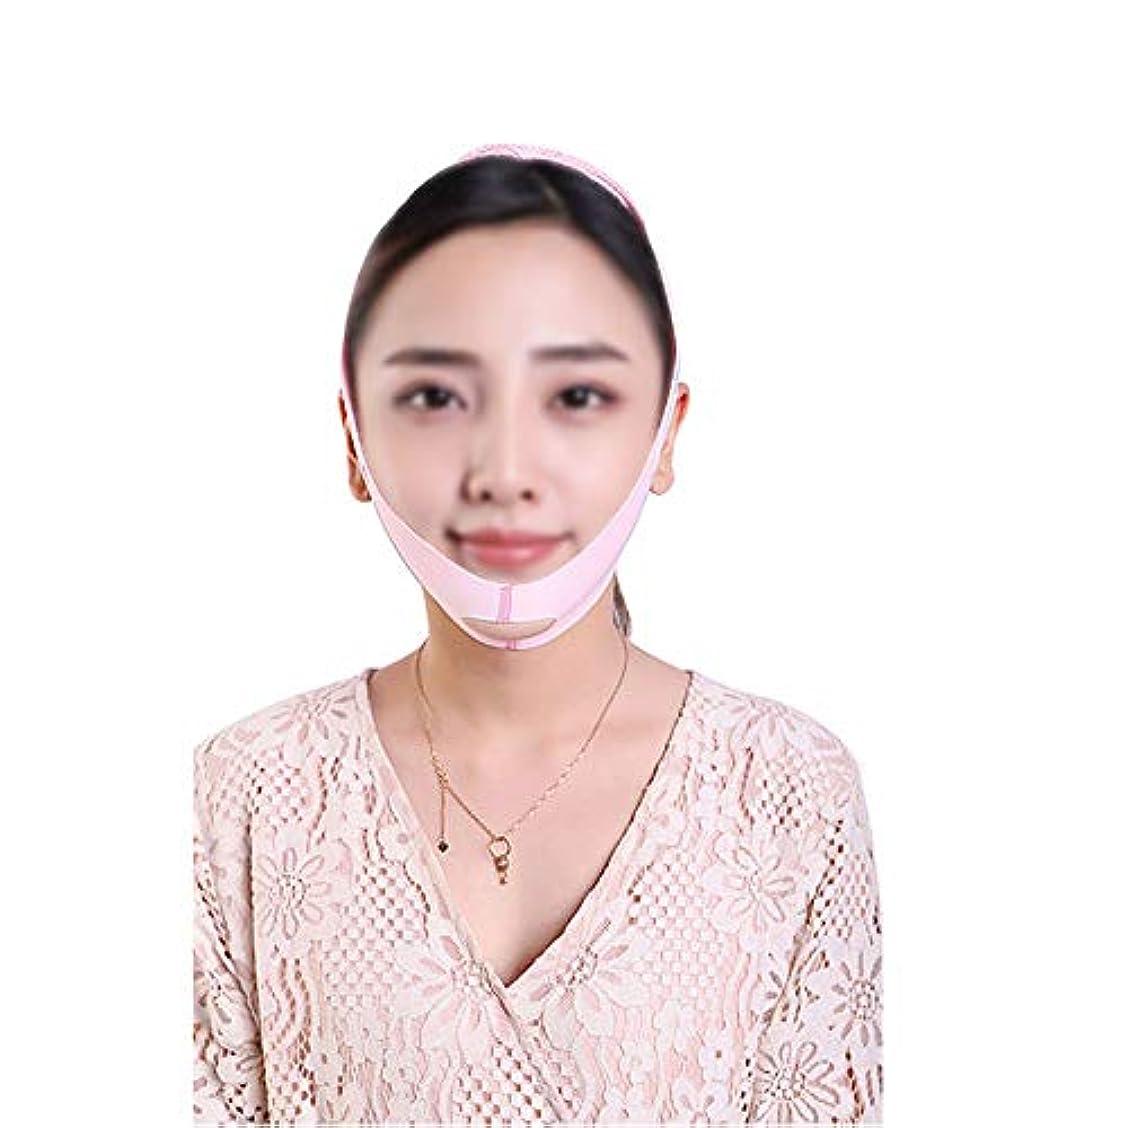 潜水艦減衰更新するTLMY 薄いフェイスマスク引き締めアンチフロントドルーピングアーティファクト小さなVフェイス包帯マスク 顔用整形マスク